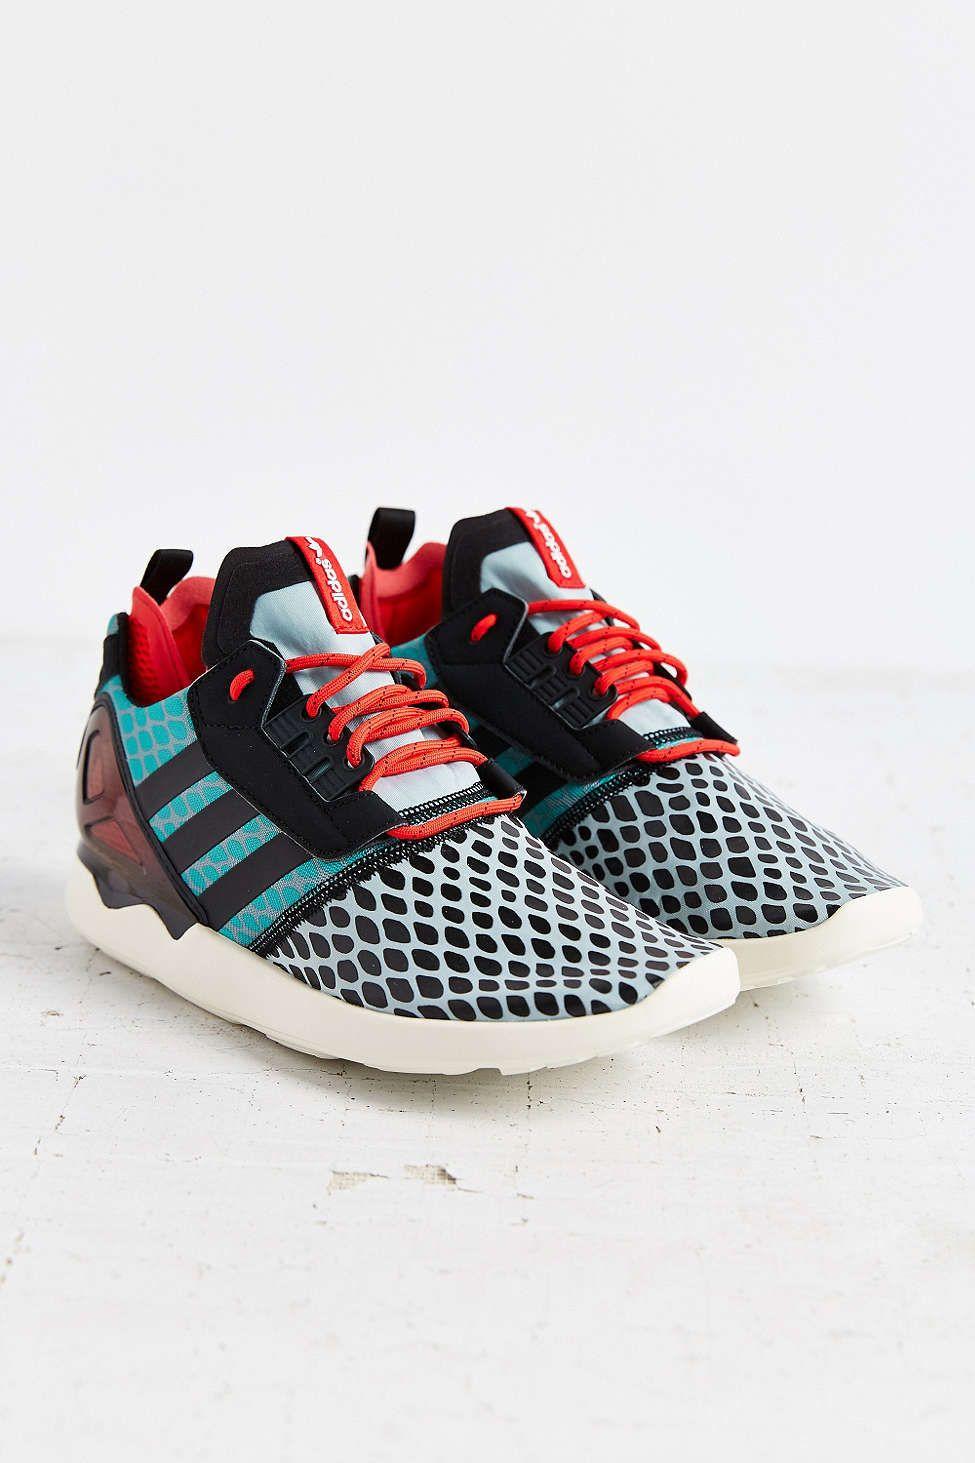 premium selection 81f1e f58bc adidas Originals ZX 8000 Boost Sneaker